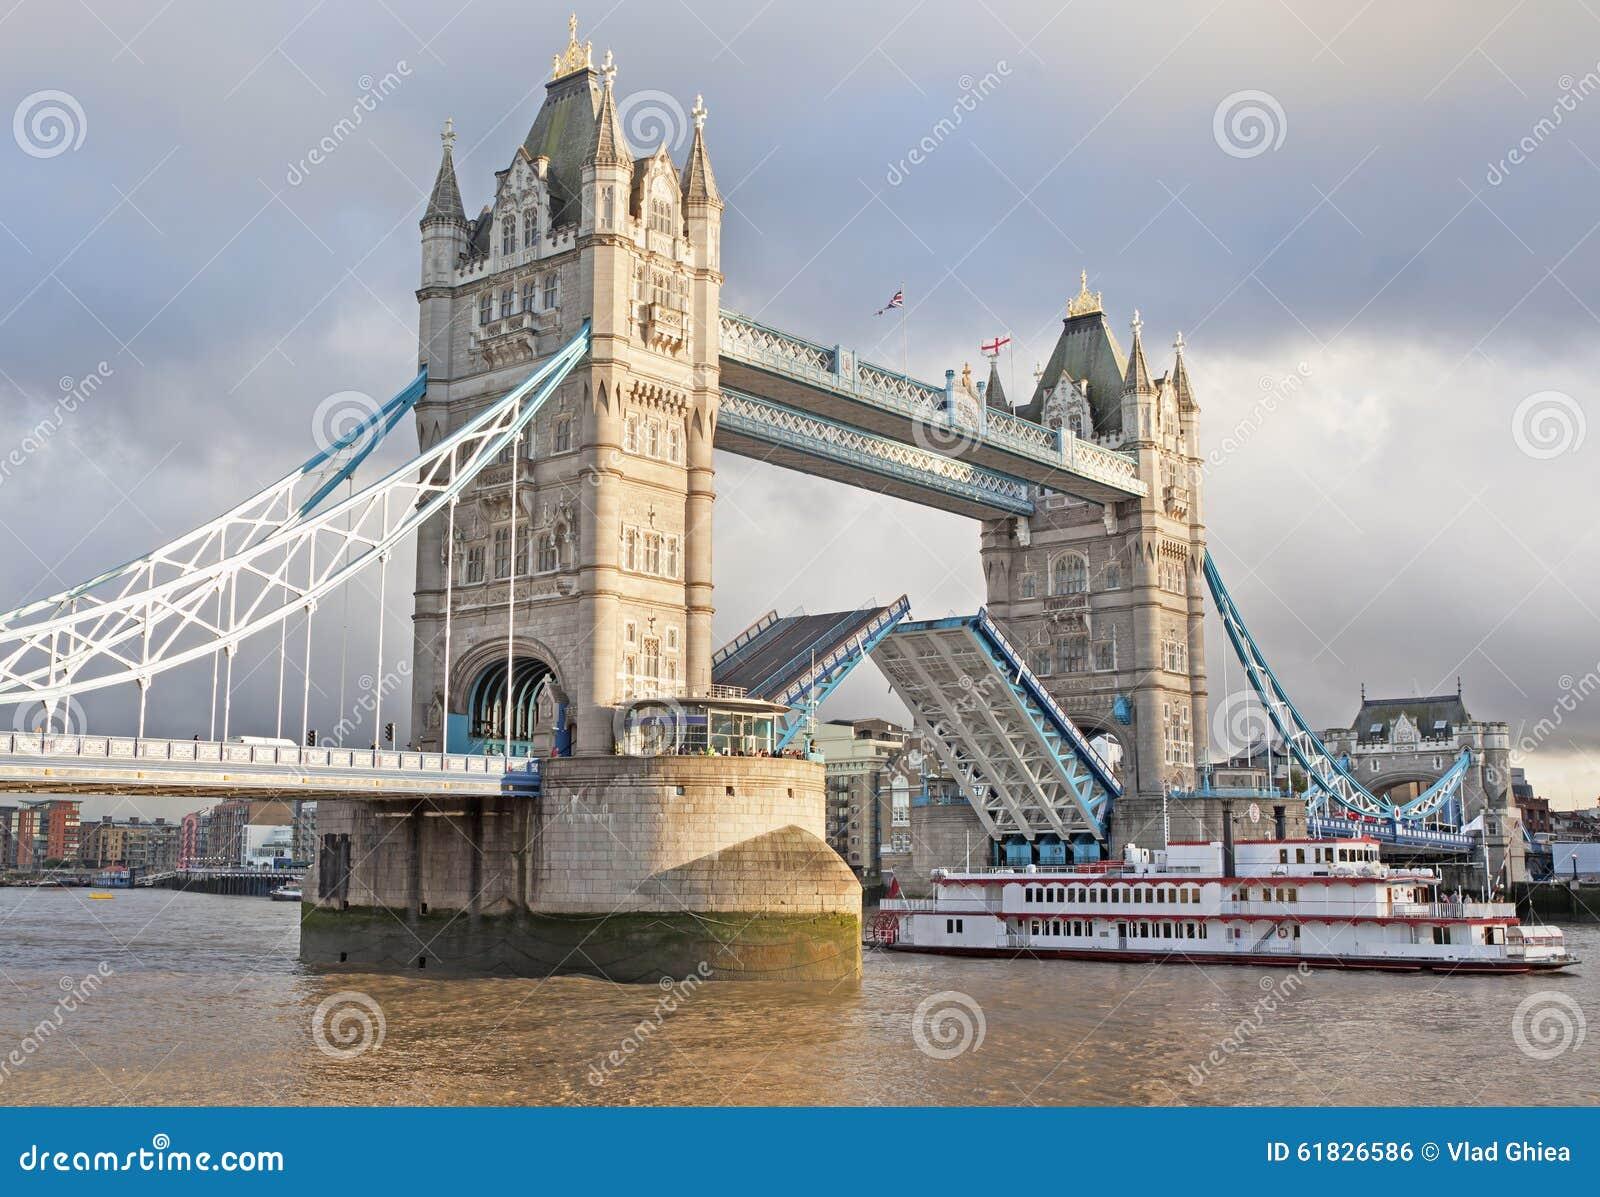 Ponte della torre aperto e barca che passa da parte a parte, Londra, Inghilterra